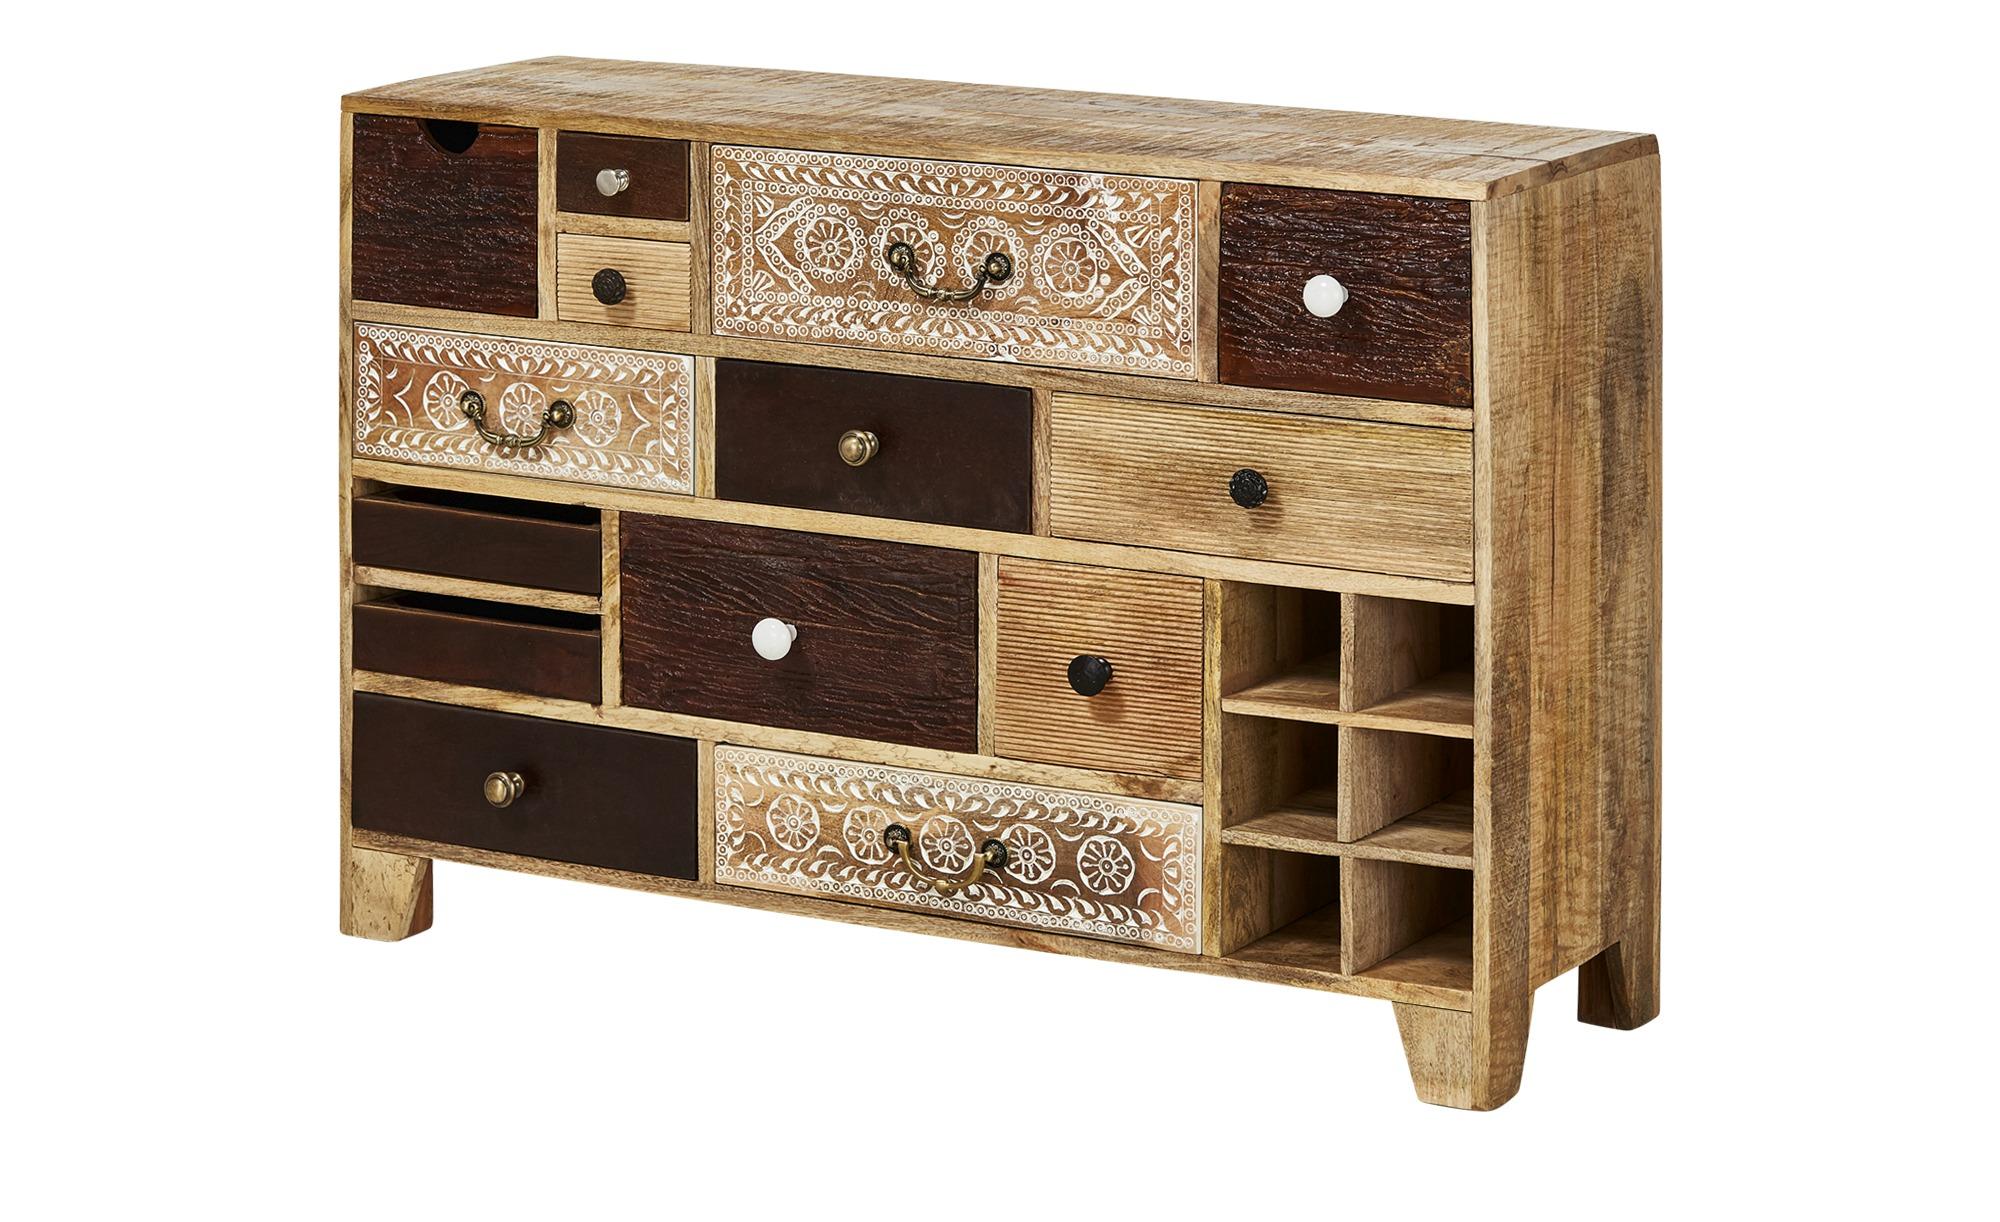 sideboard delhi breite 114 cm h he 80 cm holzfarben online kaufen bei woonio. Black Bedroom Furniture Sets. Home Design Ideas